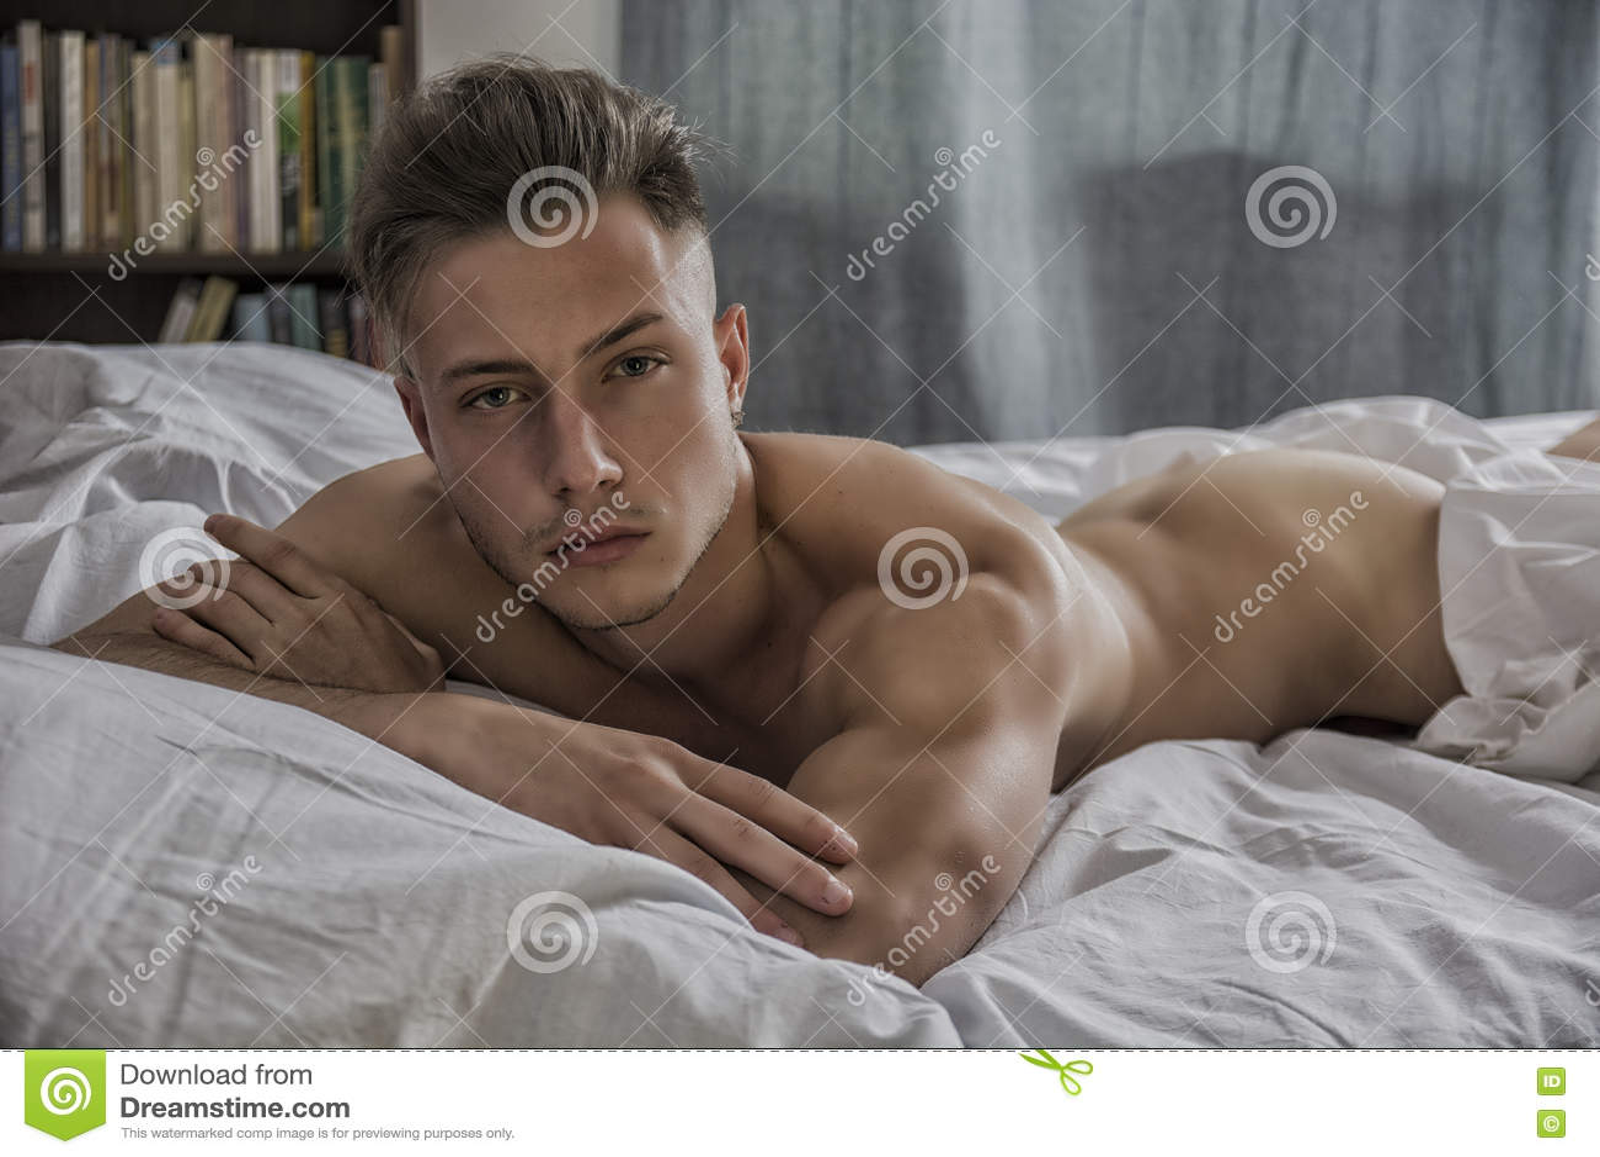 Kön webbplatser Porr